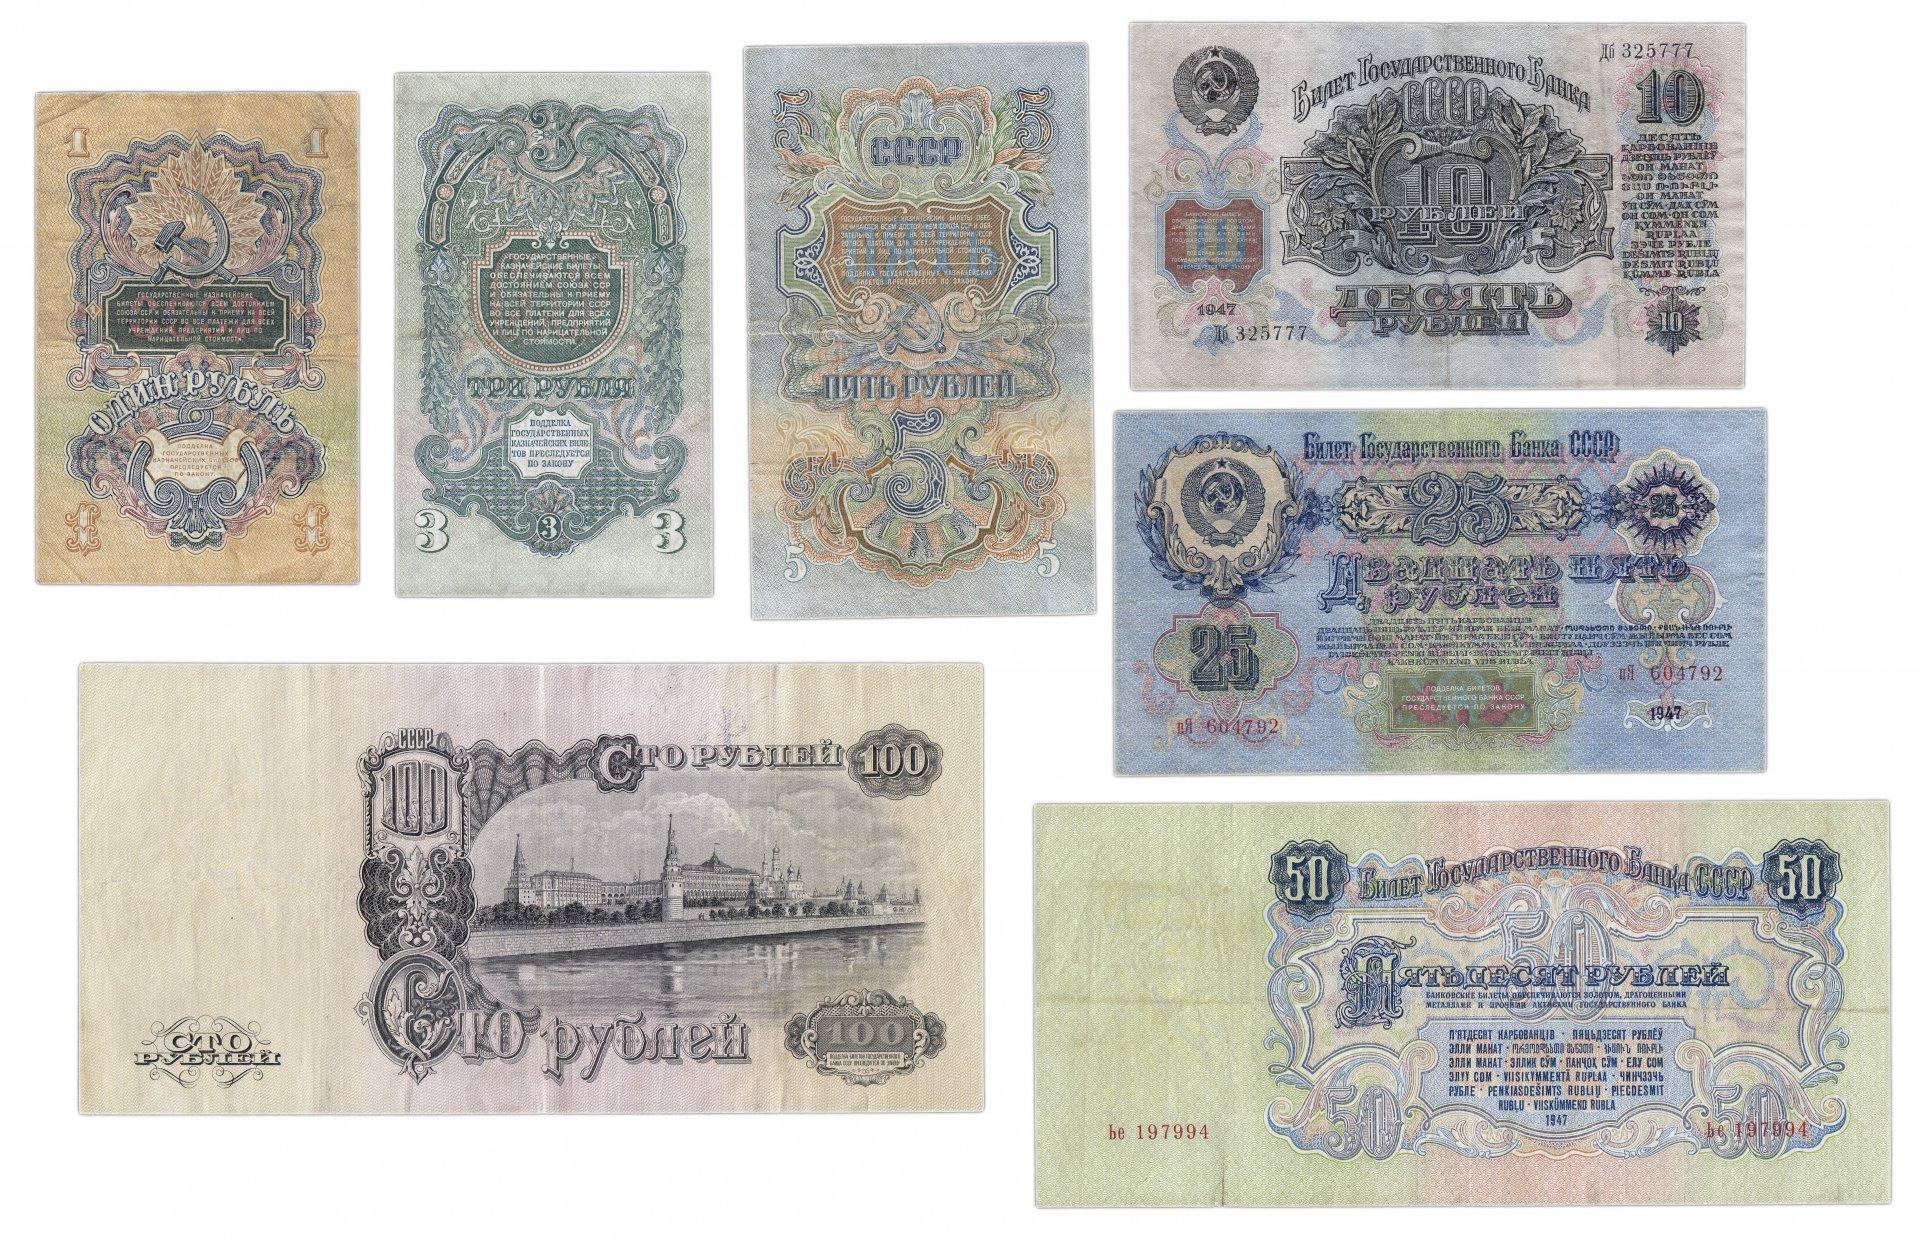 Купить комплект советских рублей денга 1753 года стоимость одной монеты